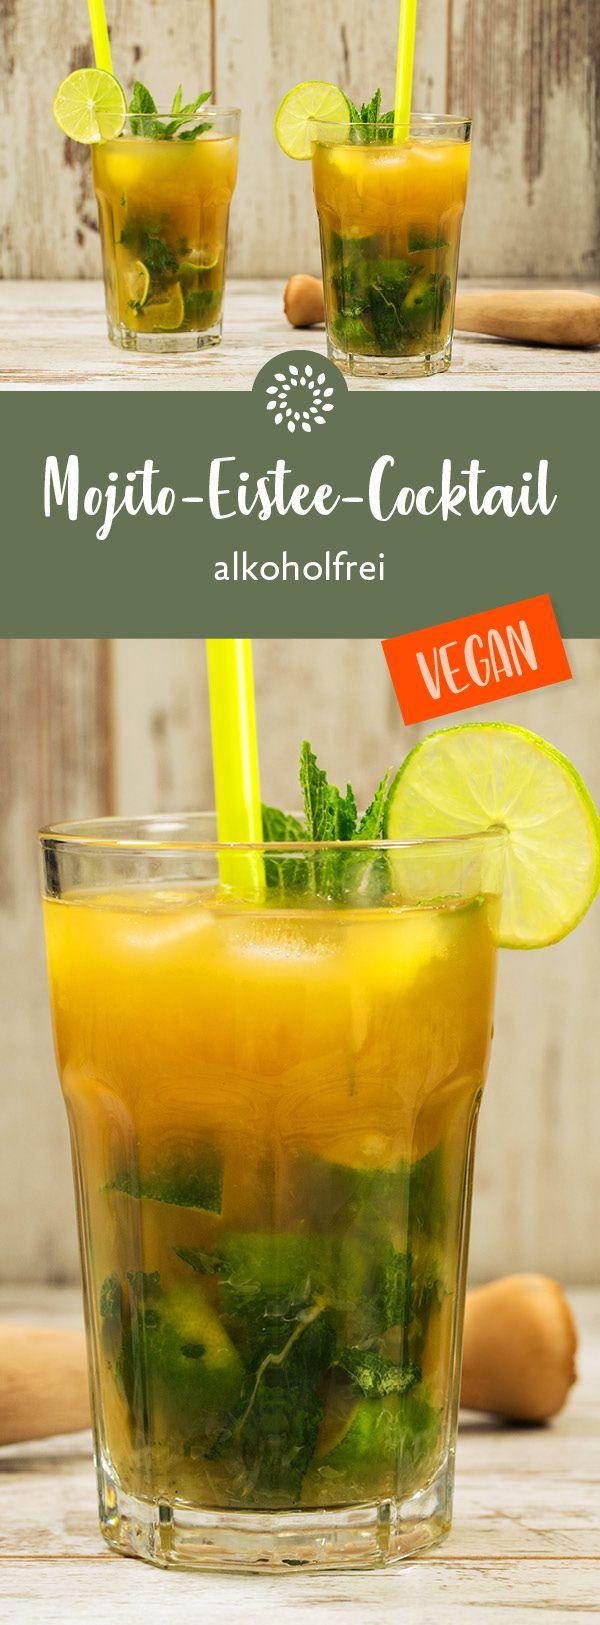 Mojito-Eistee-Cocktail – alkoholfrei